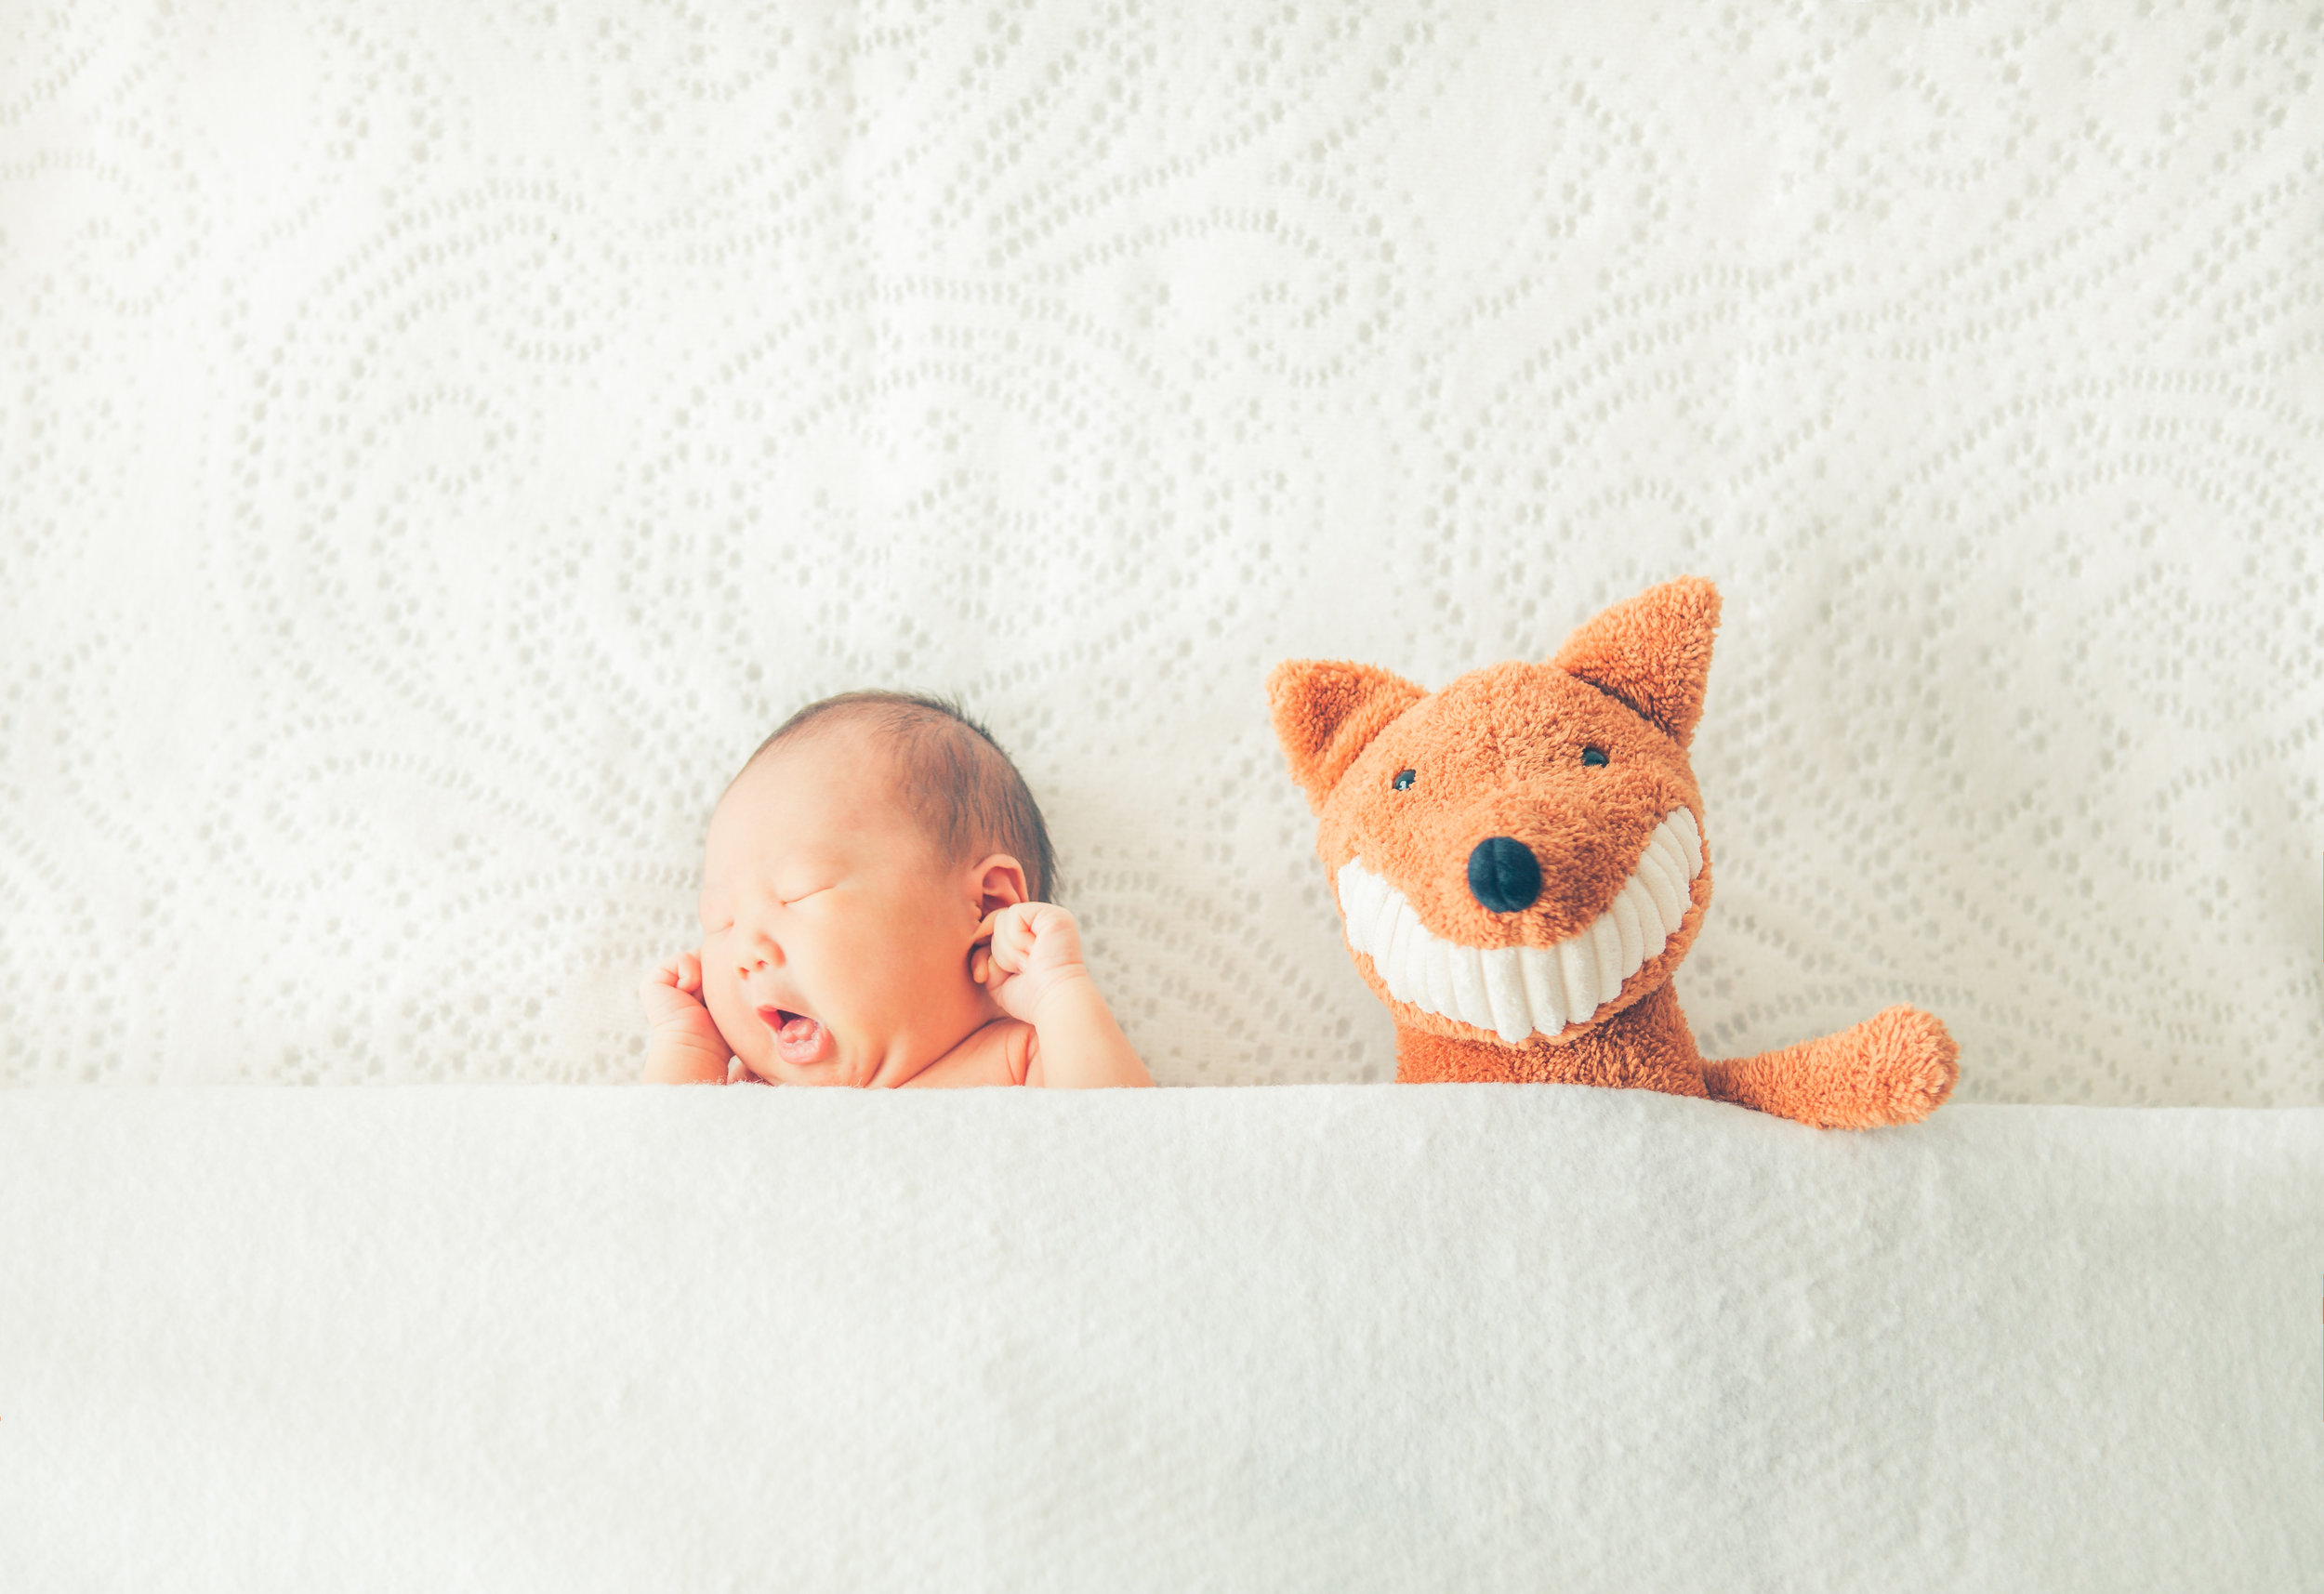 XiaoHou Newborn-170.jpg